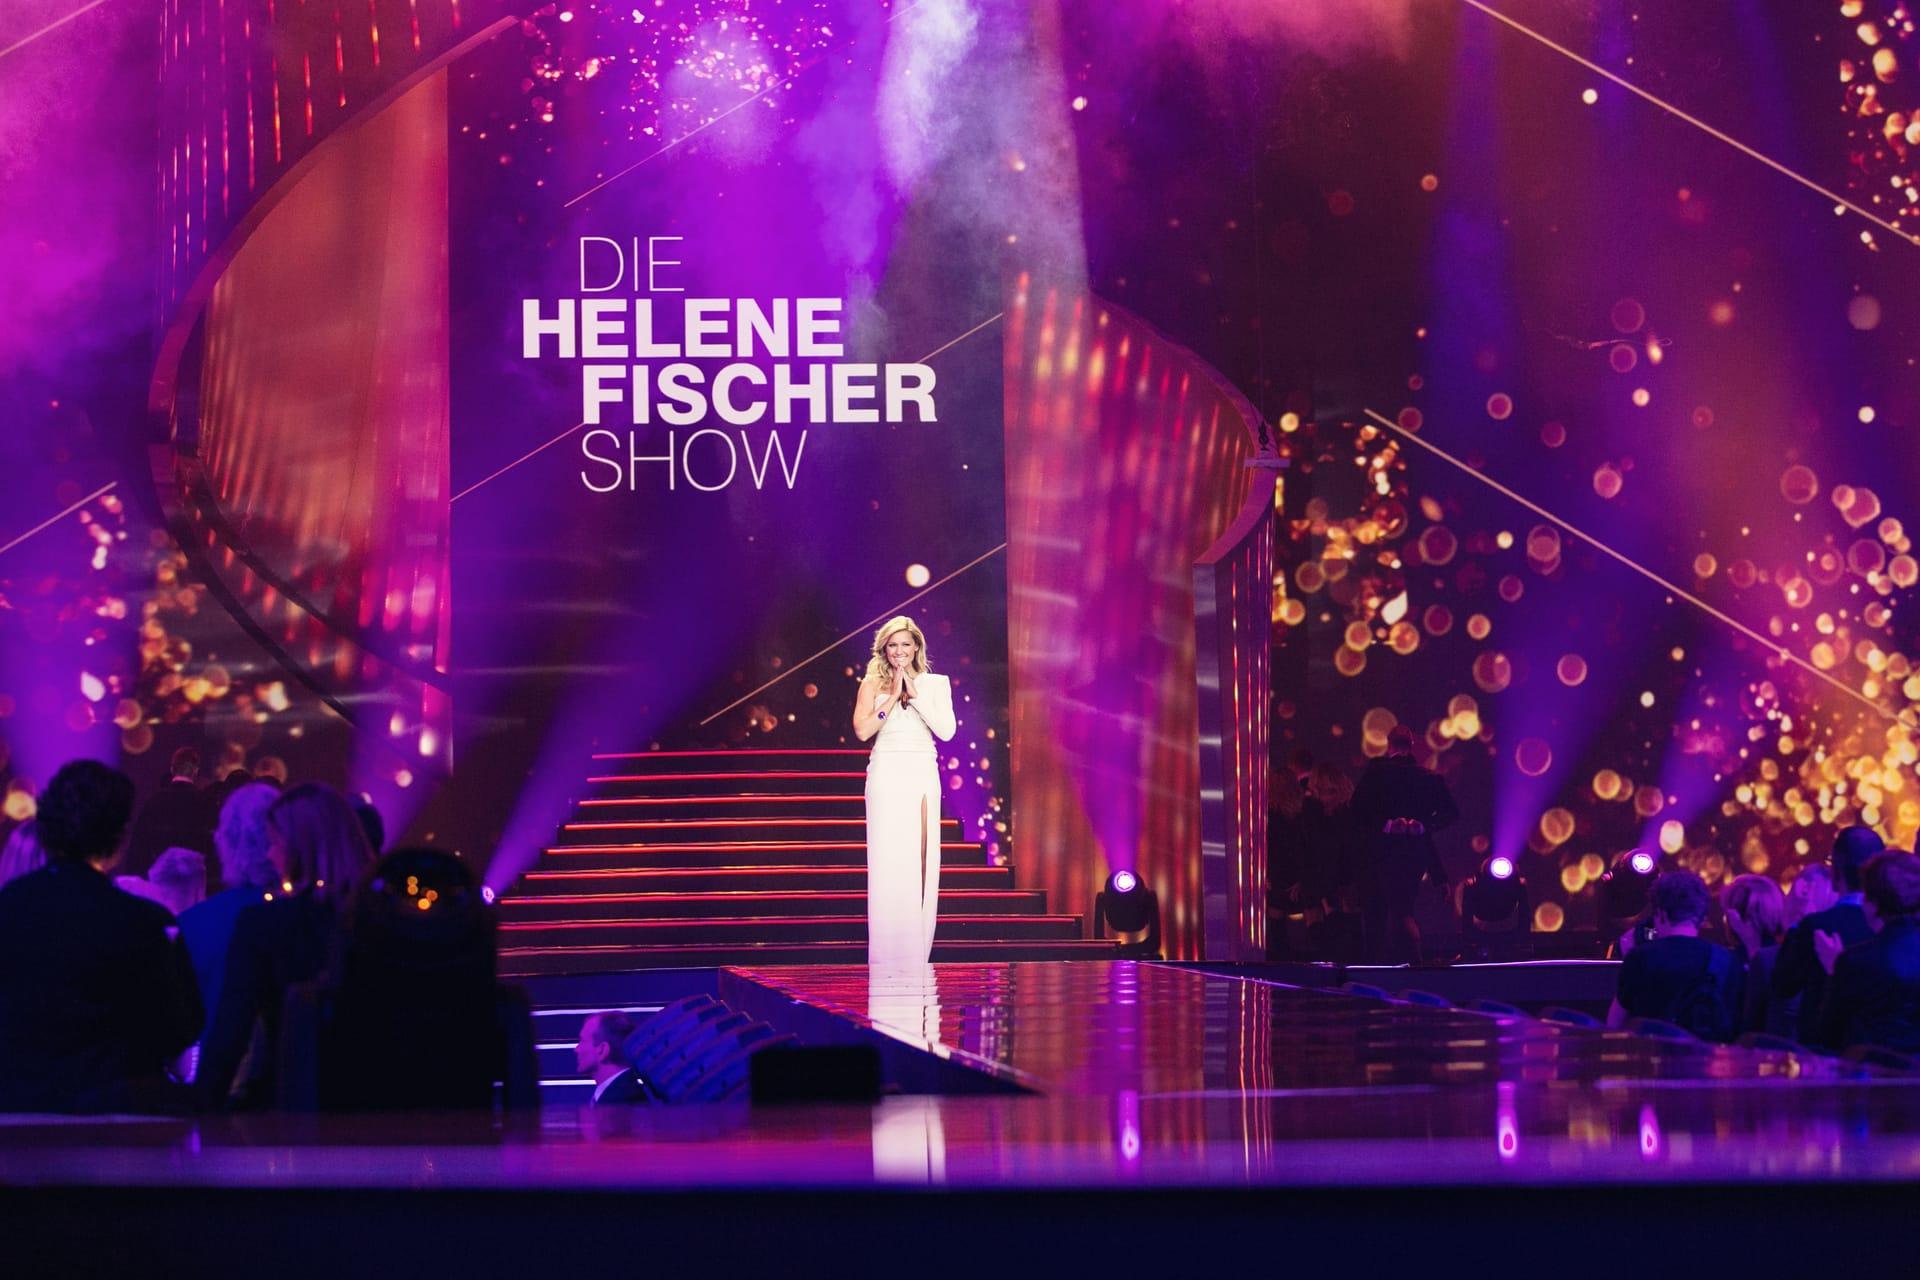 Helene Fischer Show 2016 (Cover)